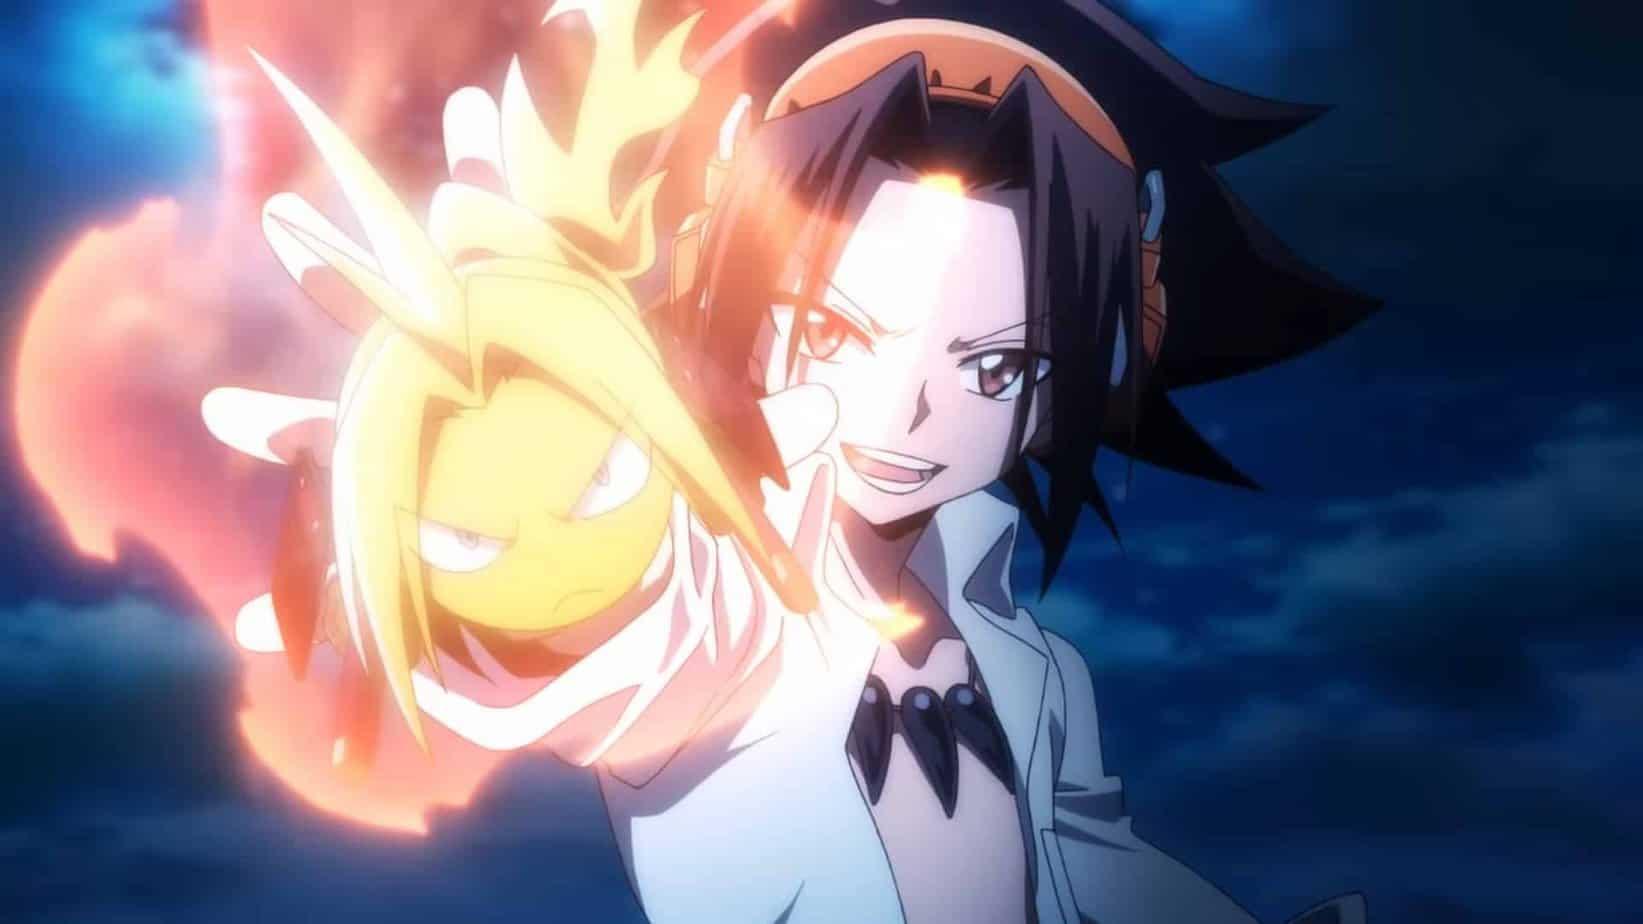 L'anime Shaman King reçoit une nouvelle affiche et un nouveau teaser 15